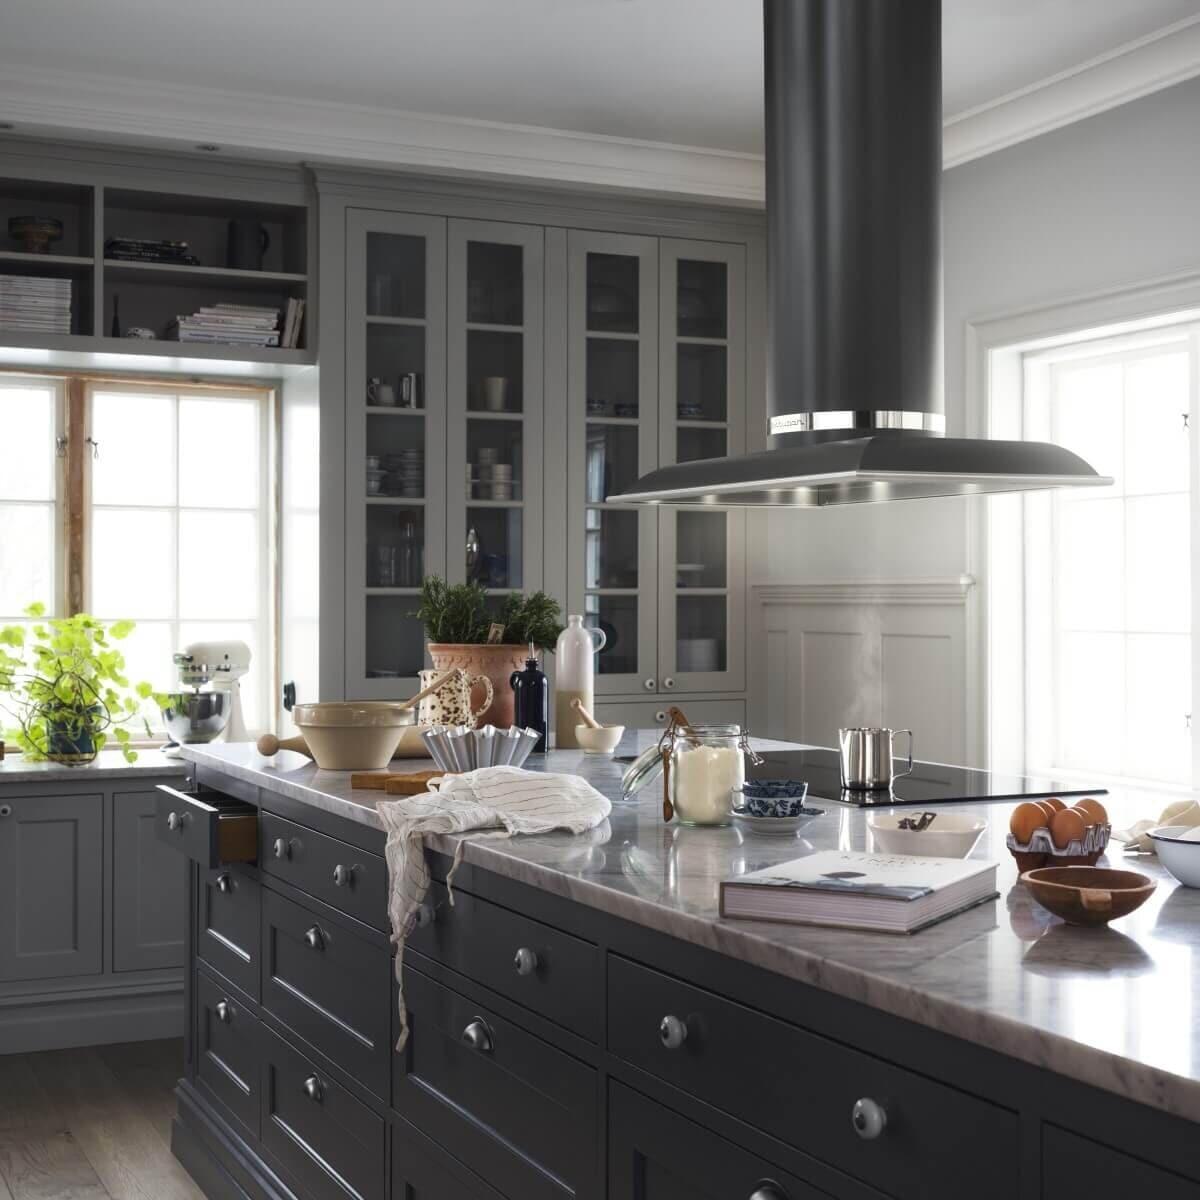 Frihängande köksfläkten Mixer i svart utförande ovanför köksö i lantlig köksmiljö med mörka köksluckor.